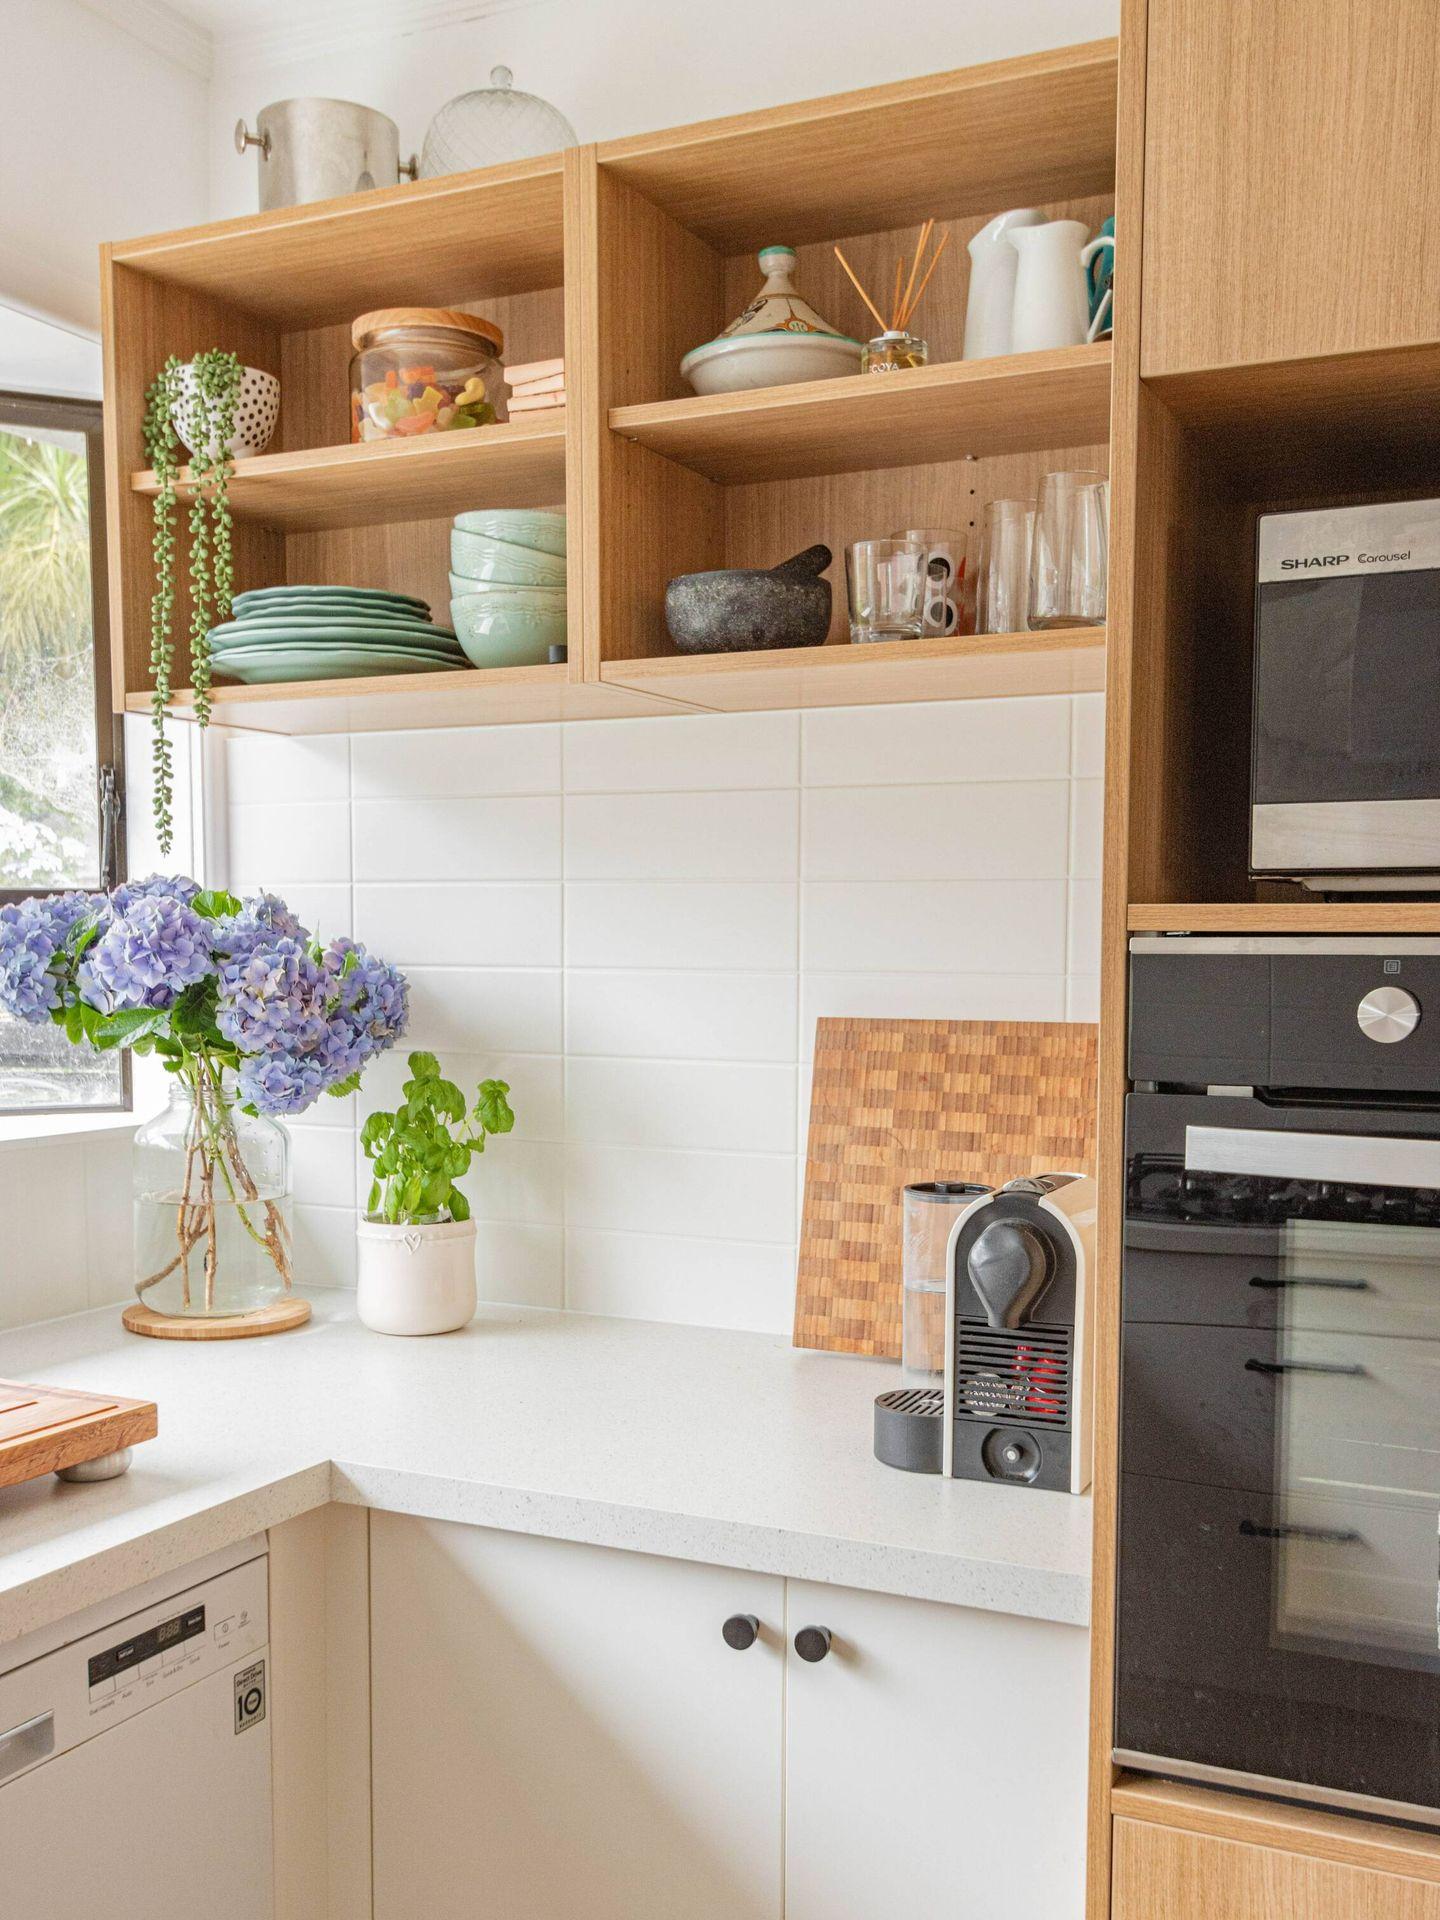 Claves para una cocina de estilo nórdico. ( Callum Hill para Unsplash)